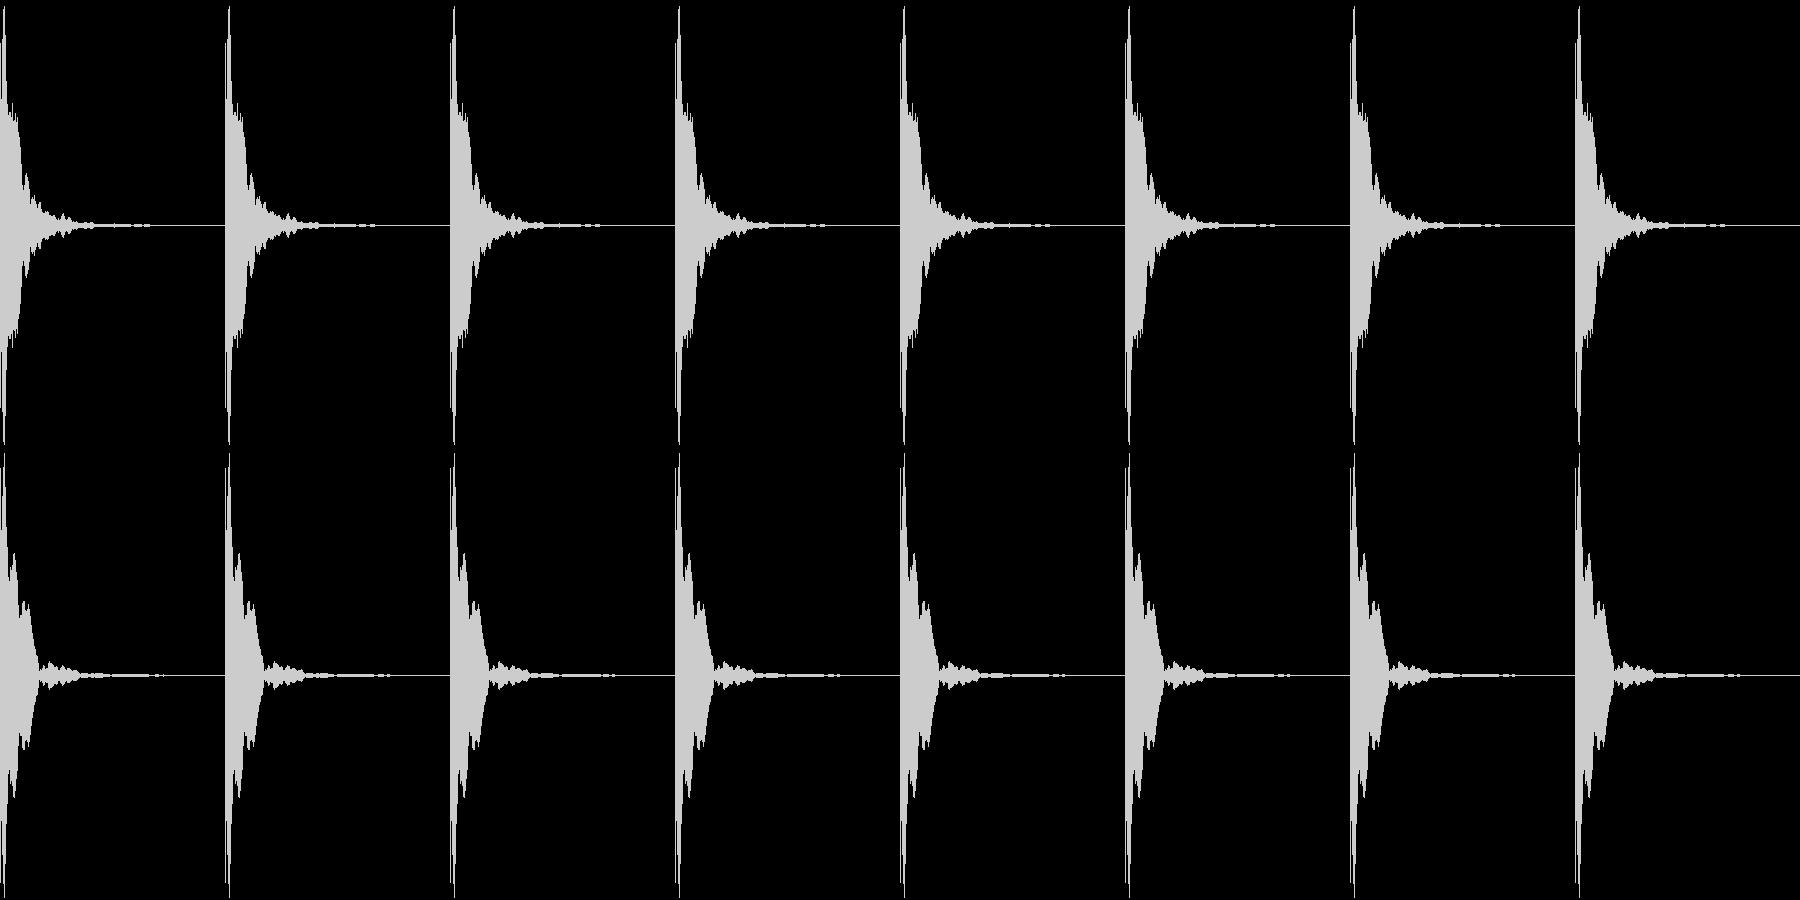 ポクポクポク-01(考え中・ループ可能)の未再生の波形